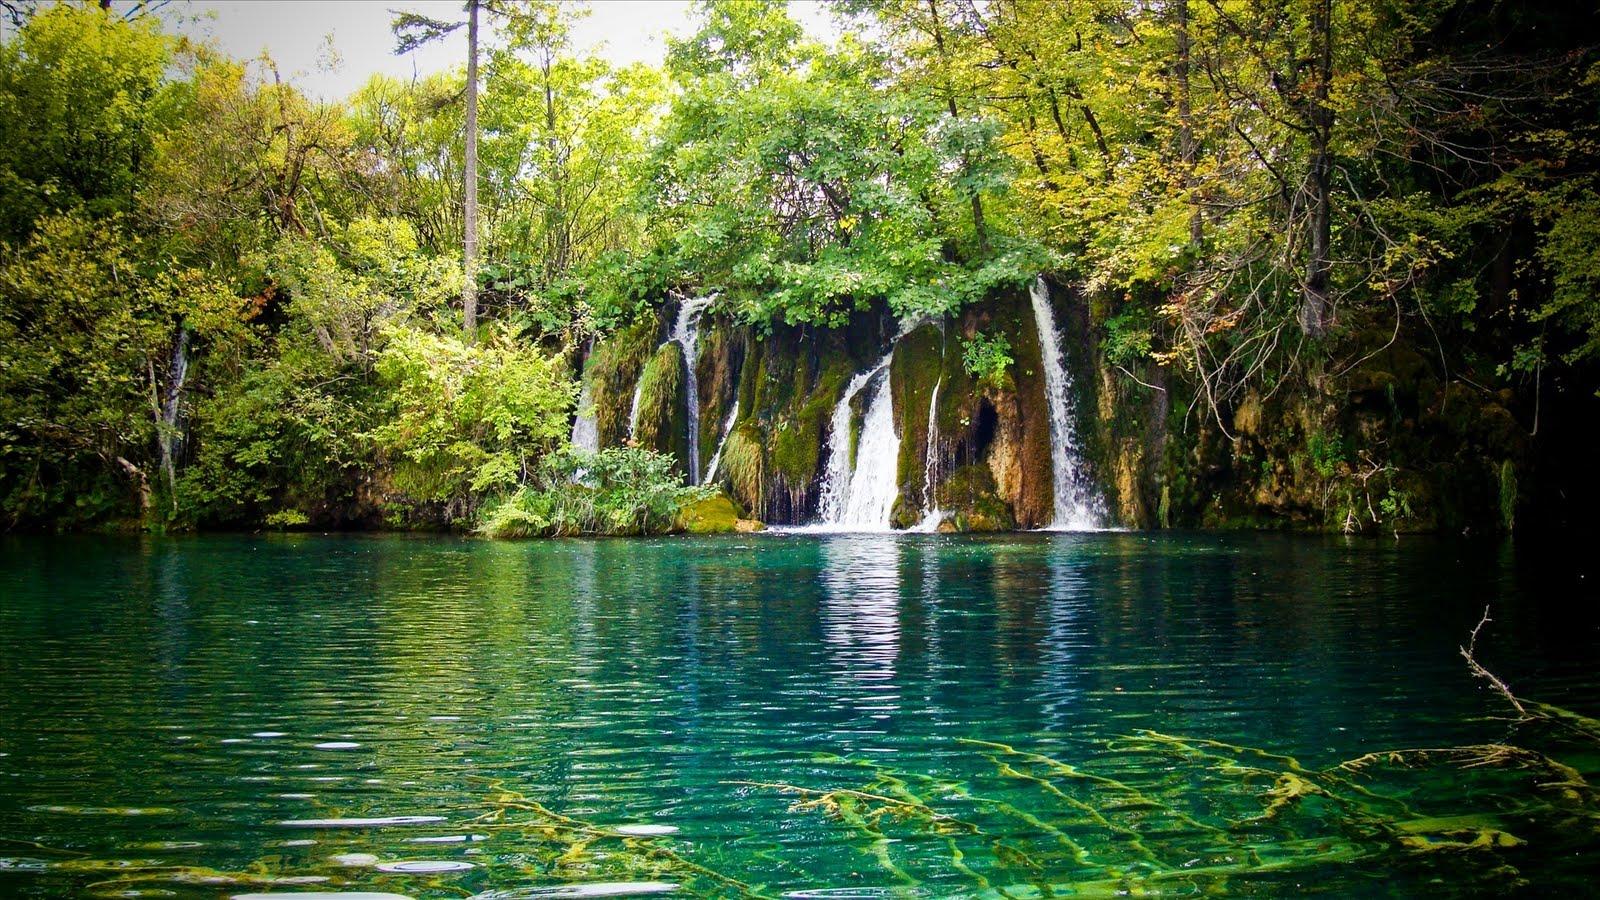 Waterfalls Wallpapers 1080p: Beautiful Waterfalls Wallpaper For 1080p Desktop